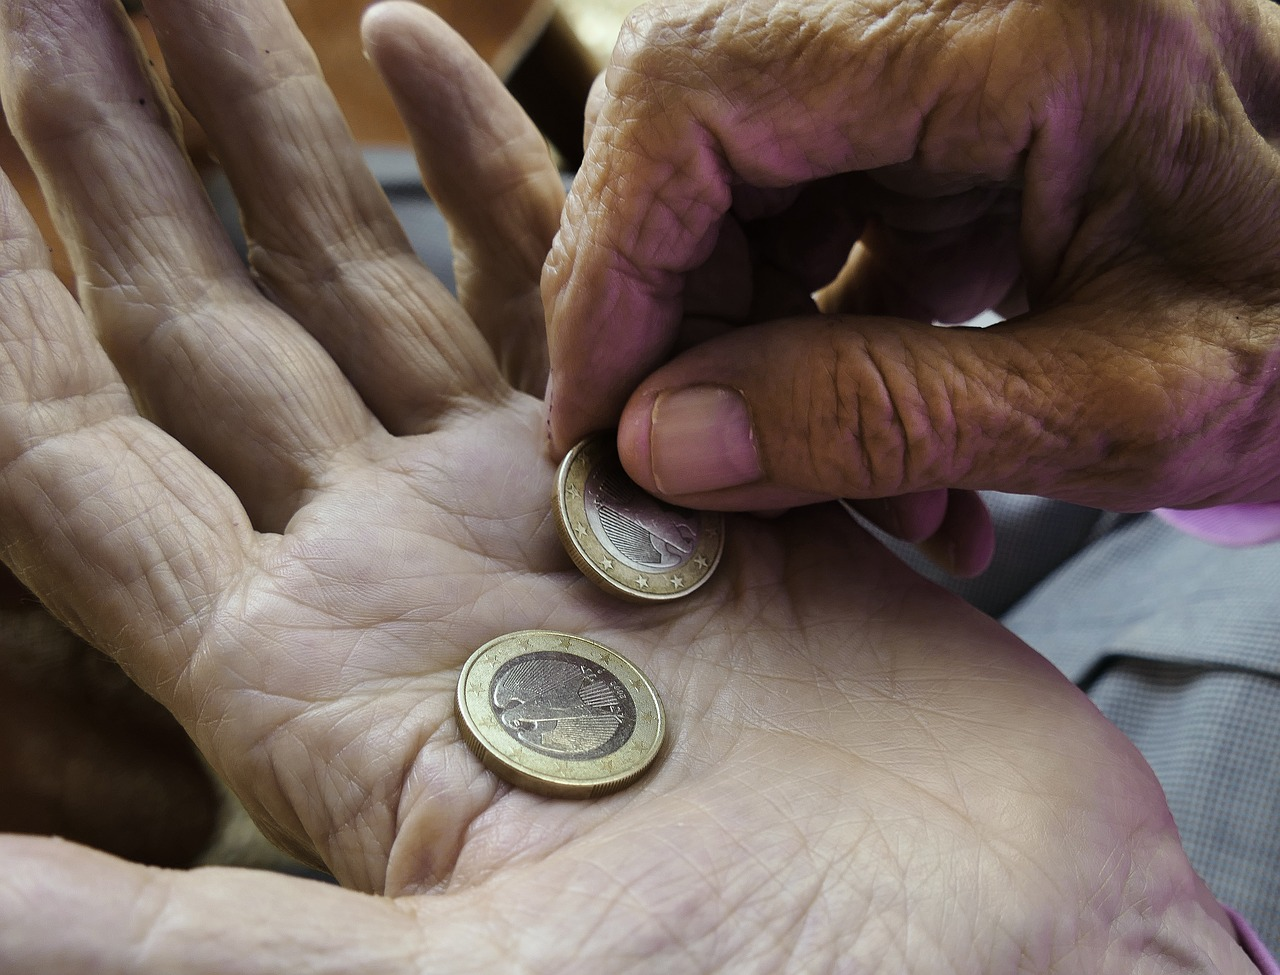 Nationale Armutskonferenz veröffentlicht dritten Schattenbericht: Armut stört!